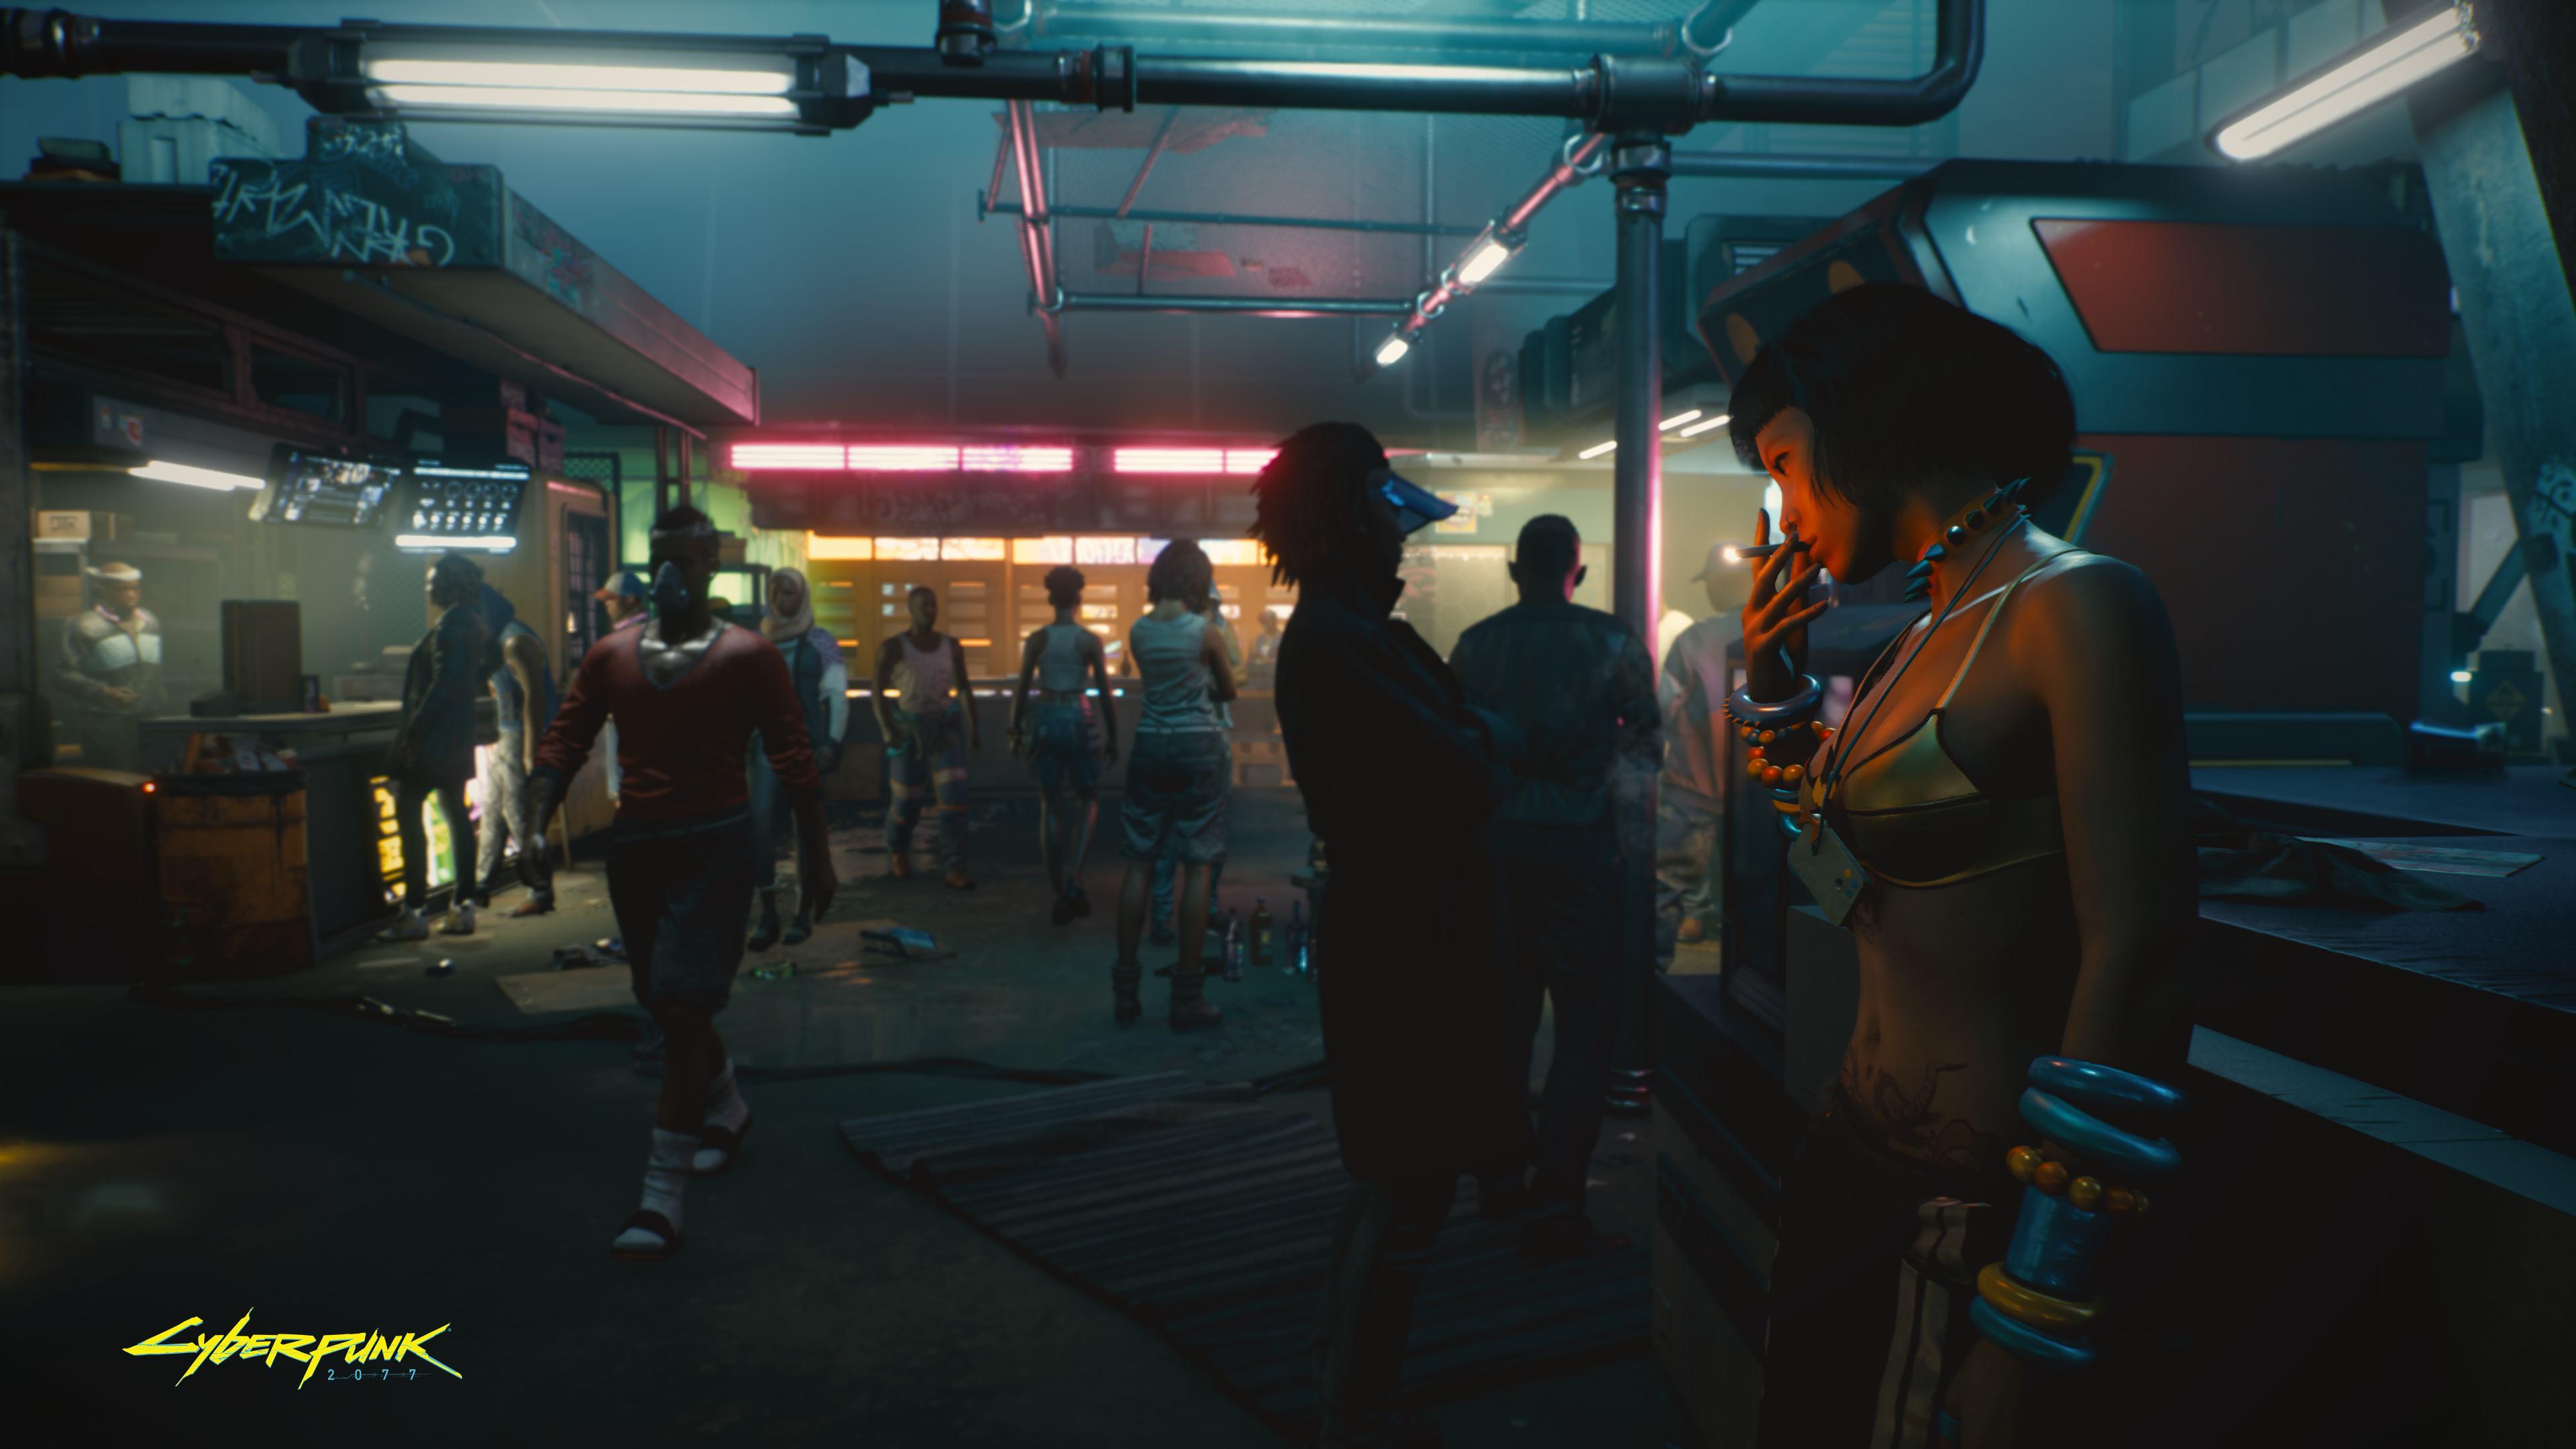 Cyberpunk 2077 gets its own event in June screenshot